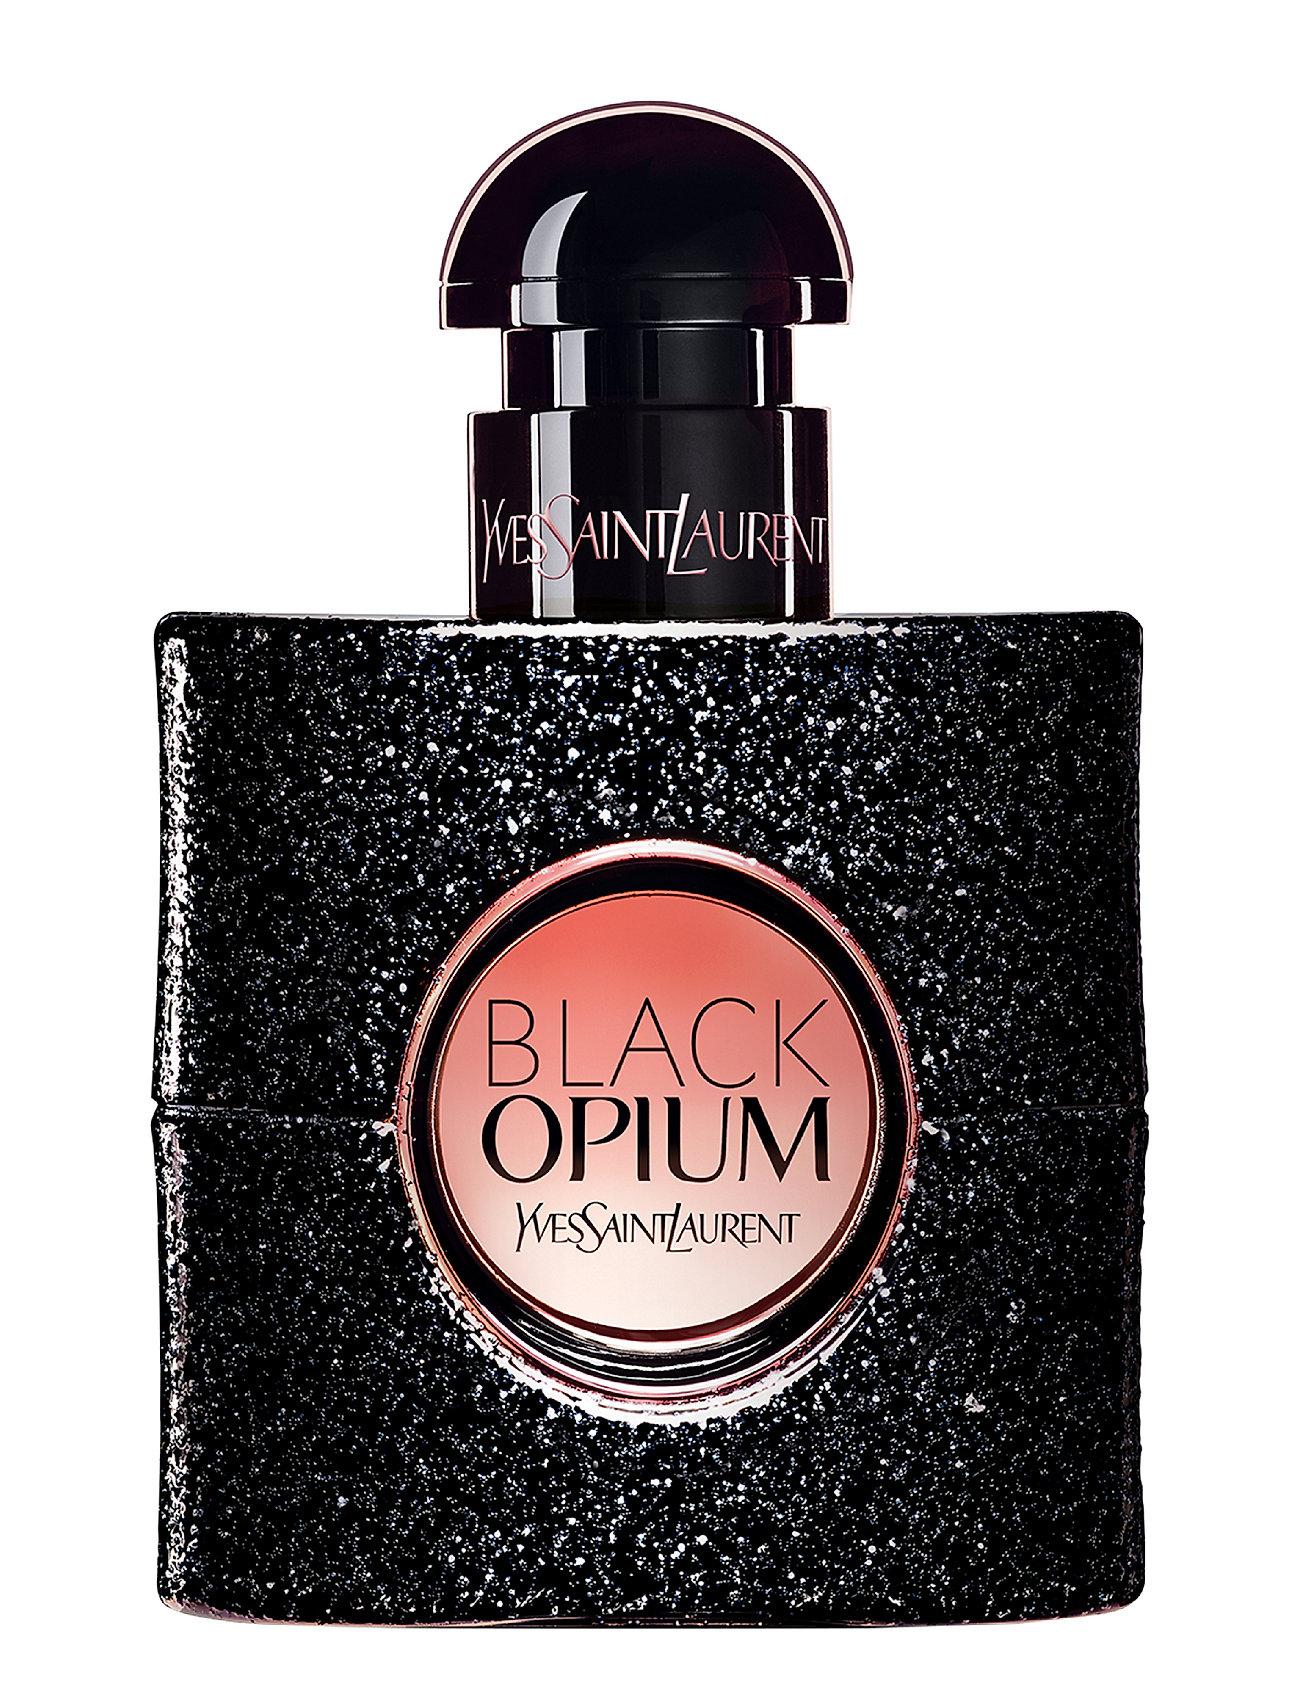 yves saint laurent Opium black edp vapo 30ml fra boozt.com dk